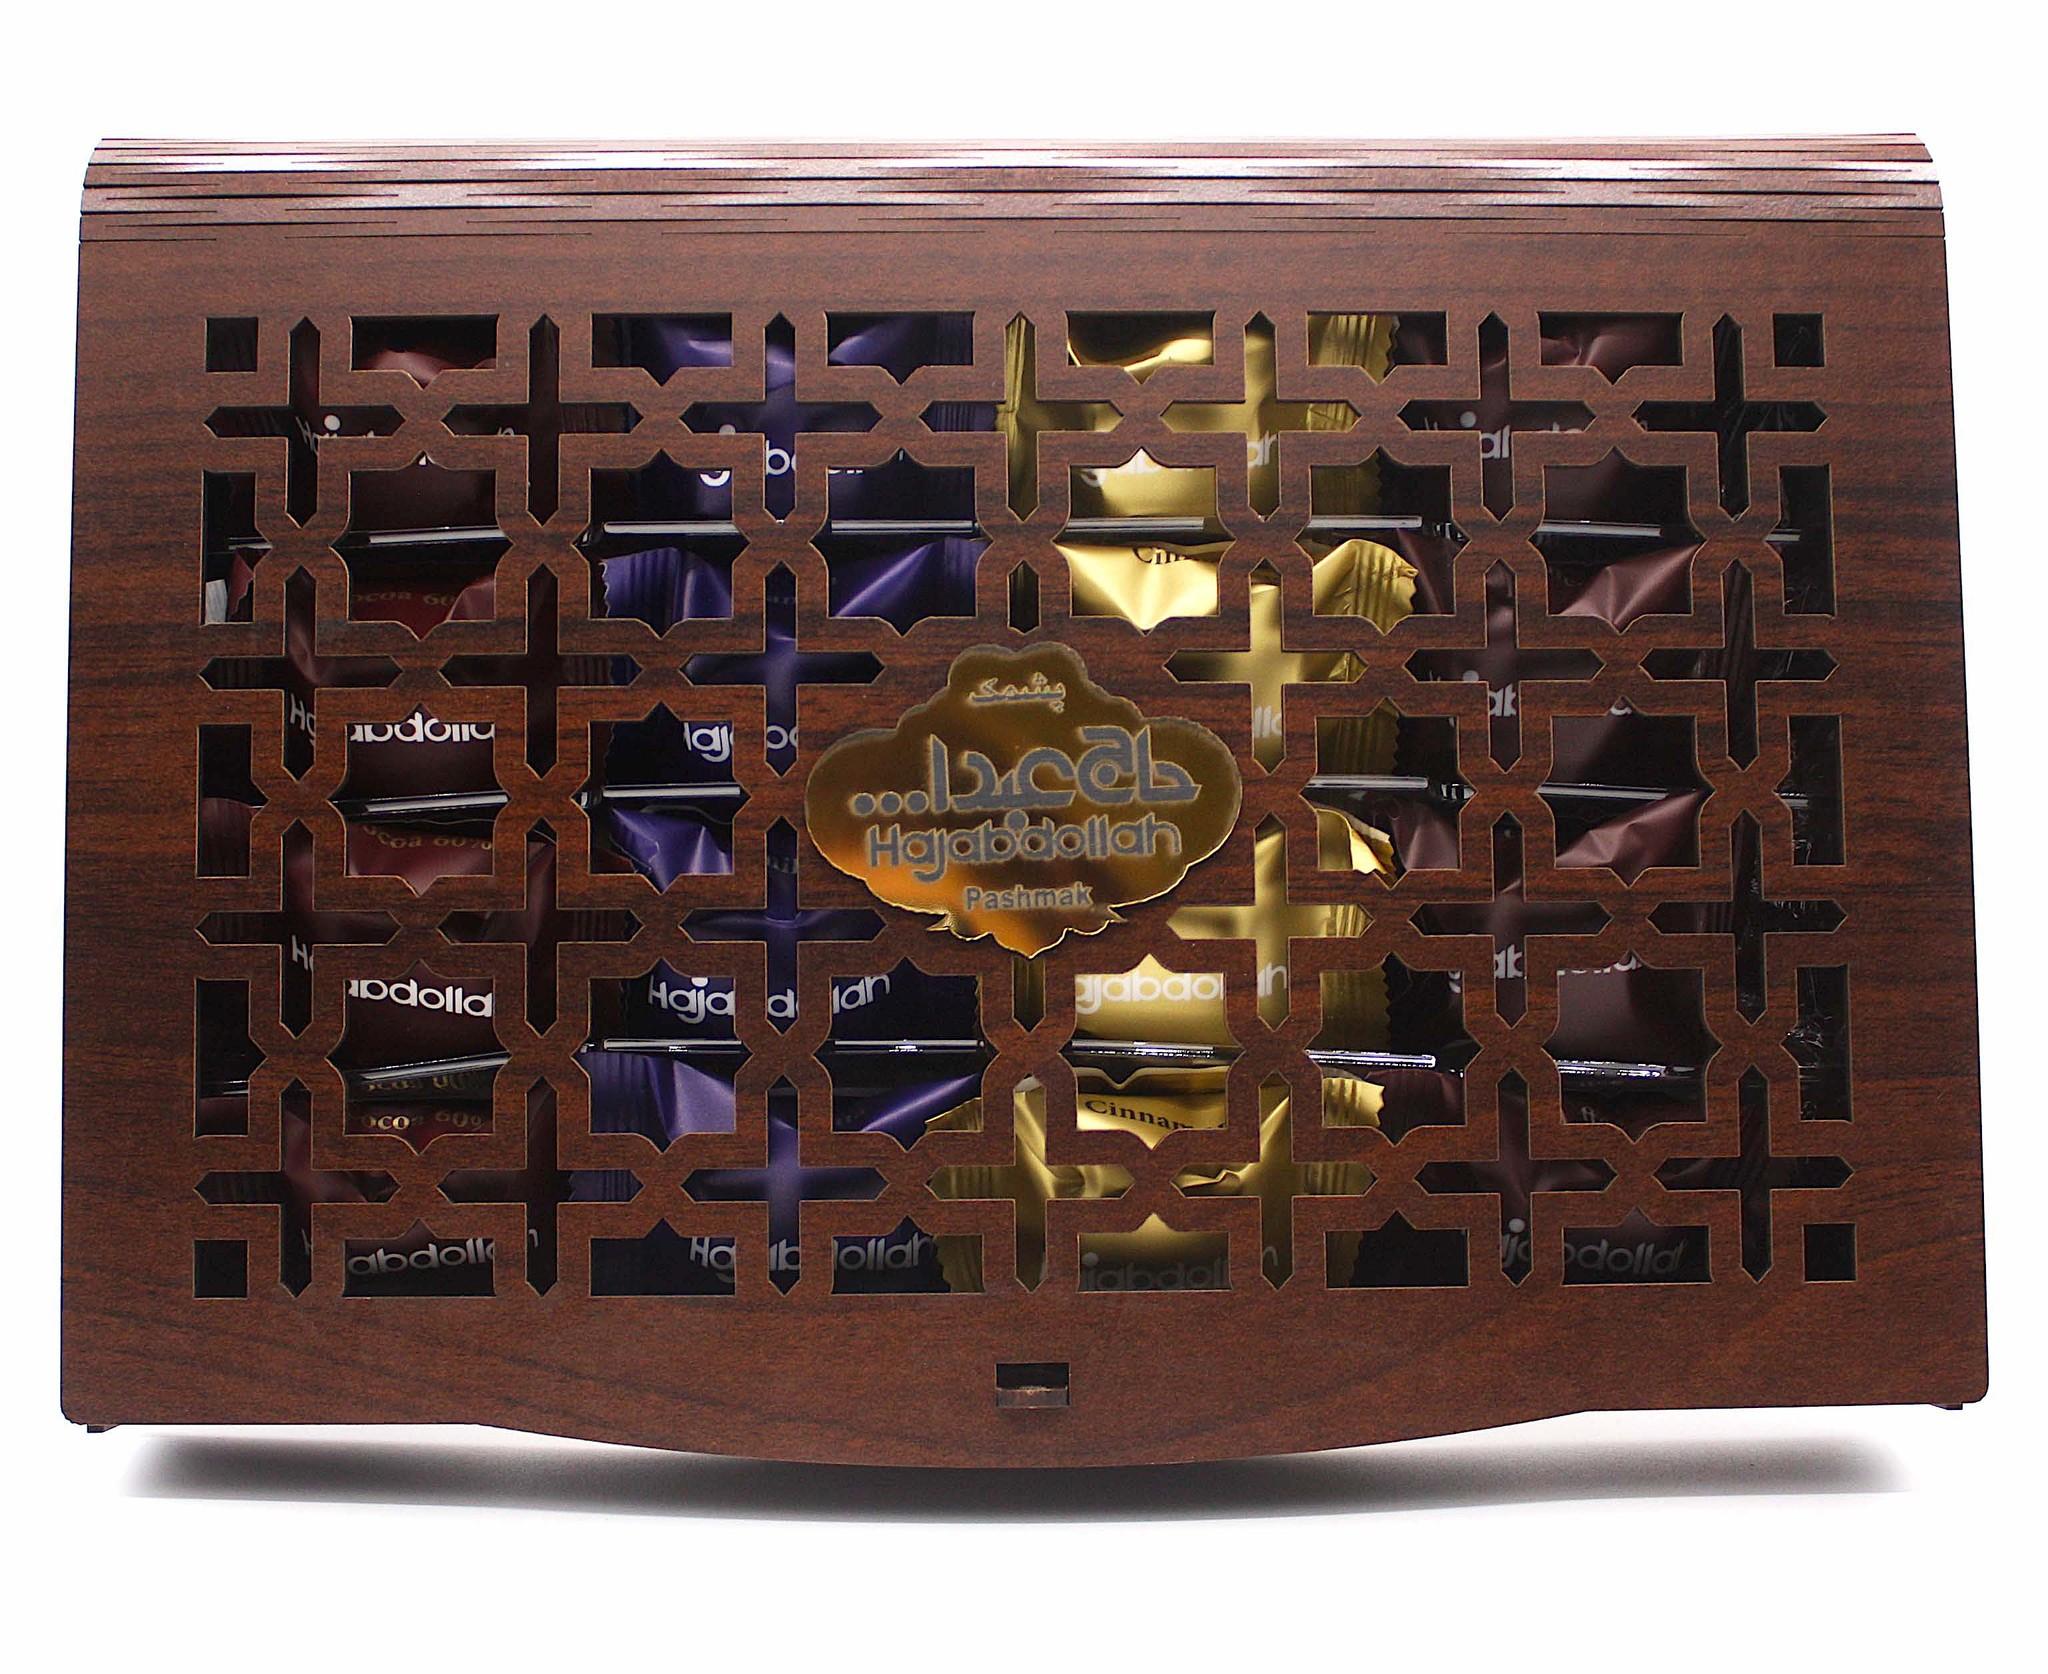 Hajabdollah Ассорти пишмание в подарочной деревянной упаковке, Hajabdollah, 200 г import_files_7a_7a7d6a2ec3f111e9a9b3484d7ecee297_7a7d6a32c3f111e9a9b3484d7ecee297.jpg